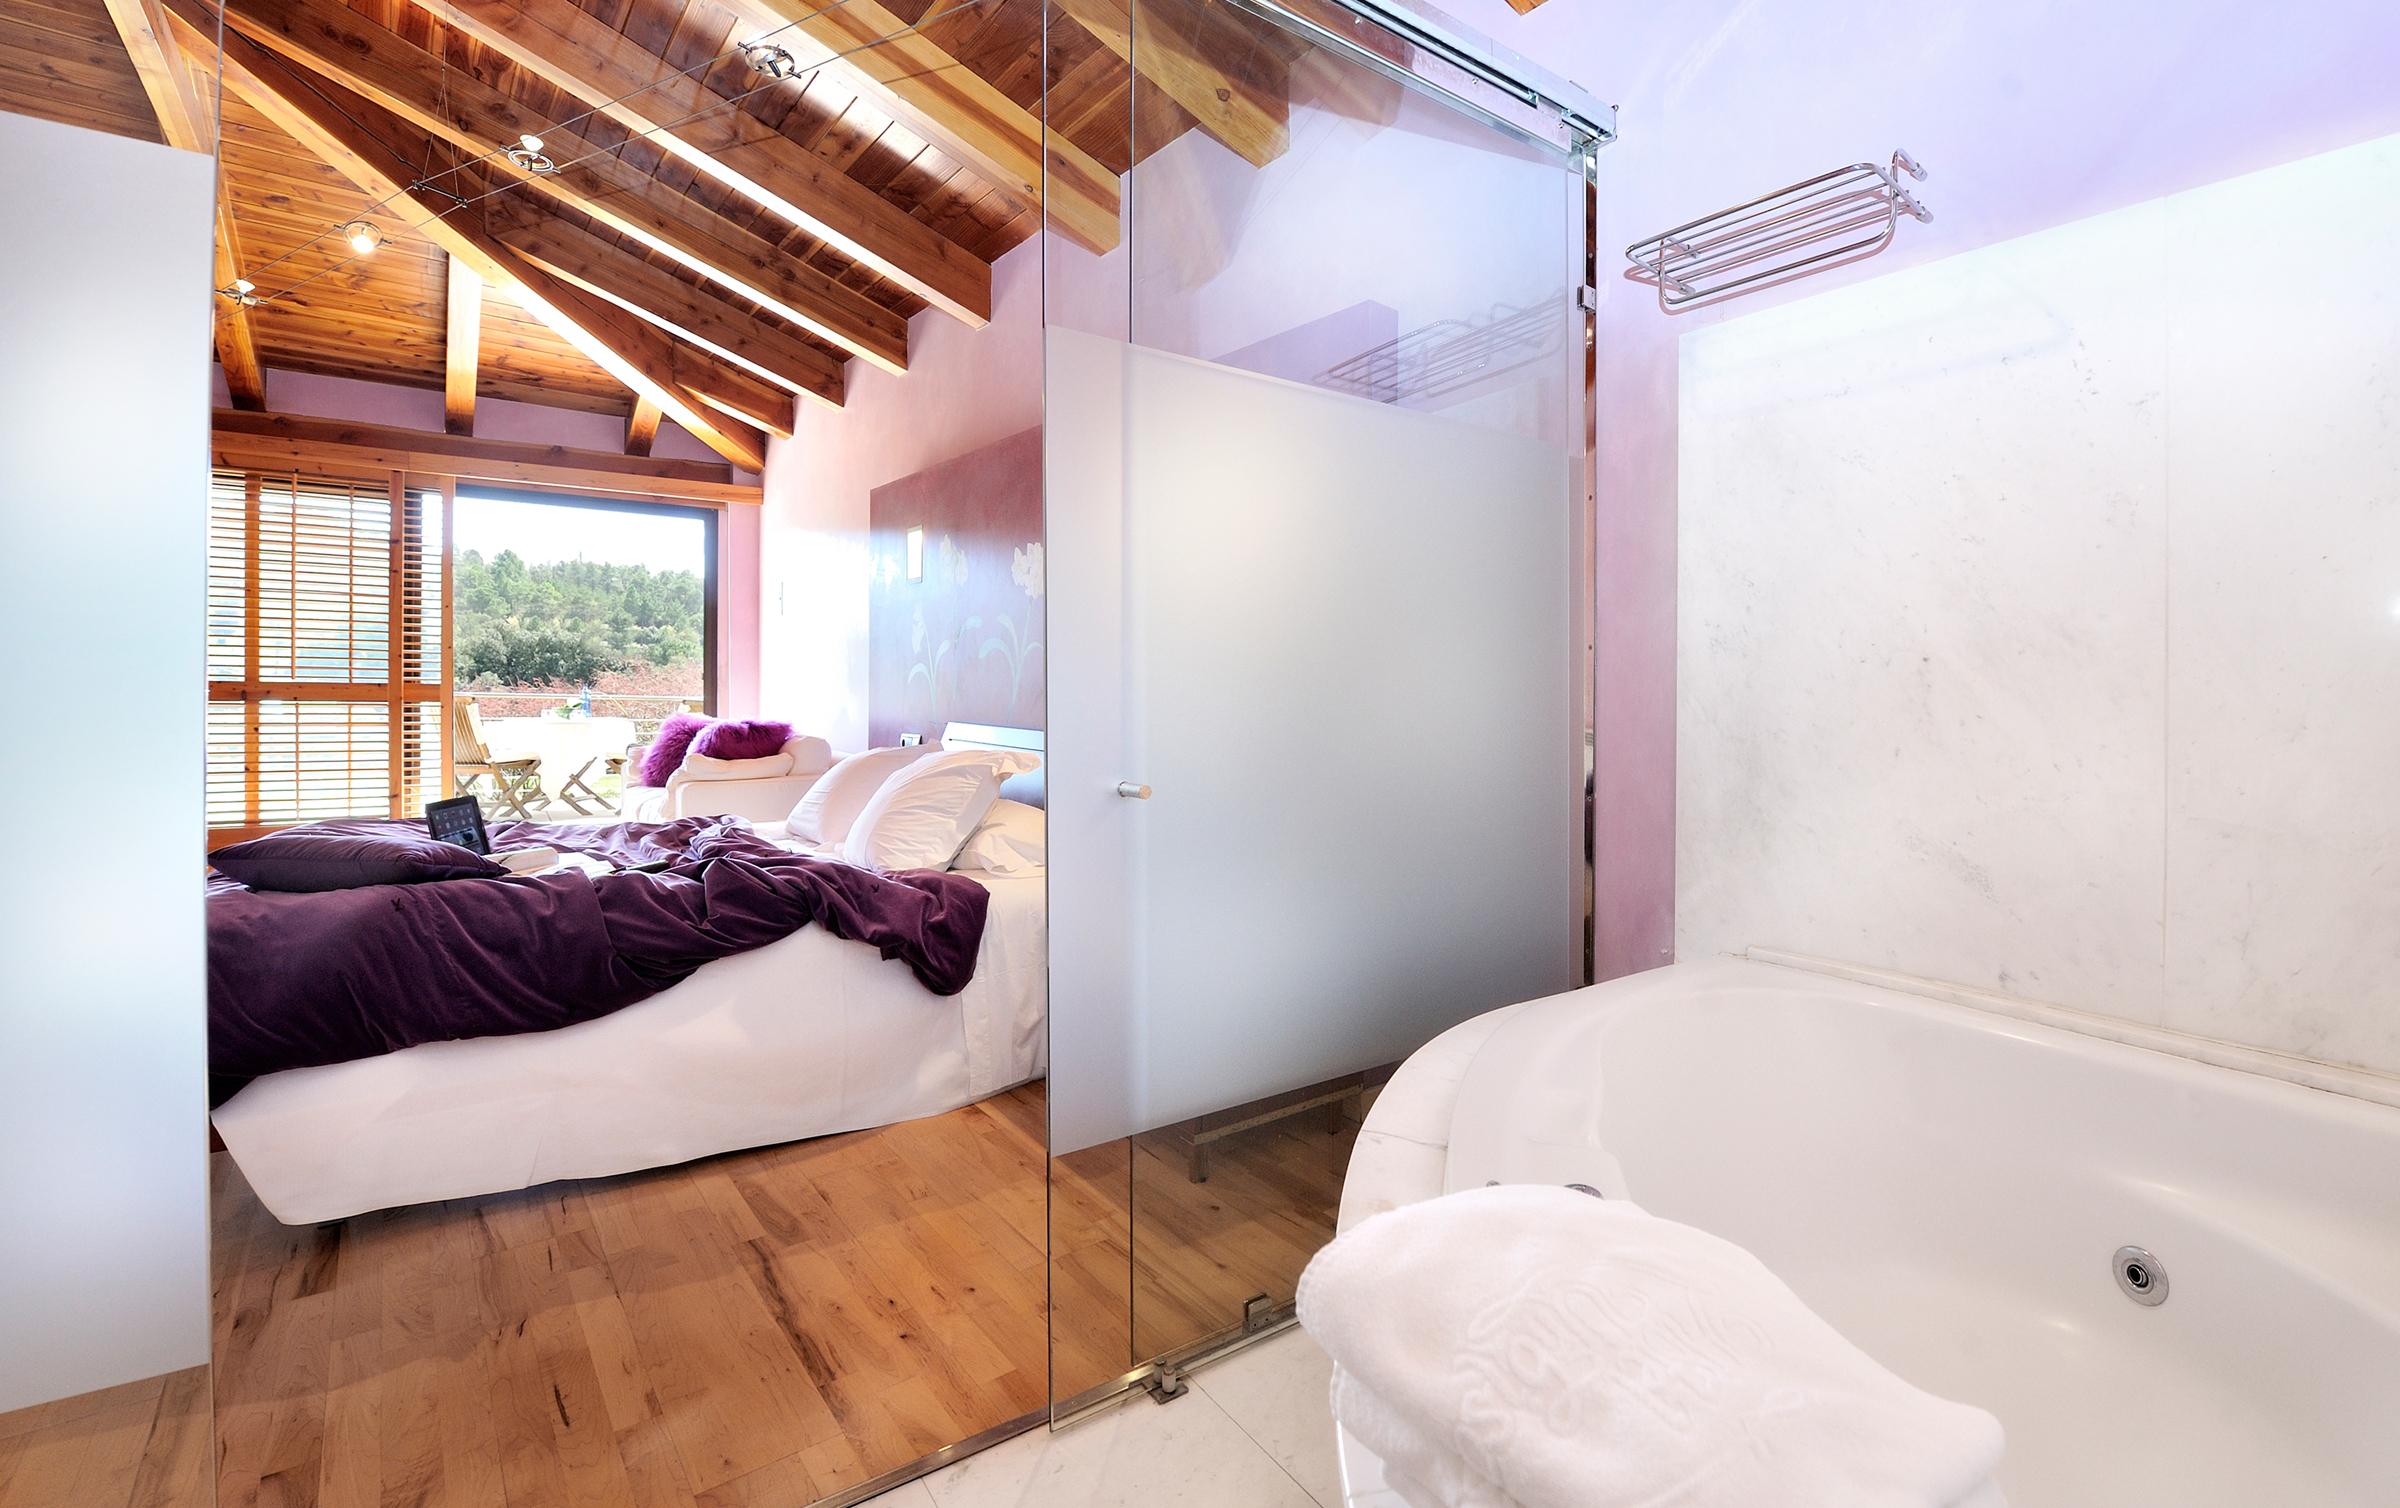 Hoteles en barcelona casas rurales barcelona con encanto rusticae - Casas rurales bcn ...